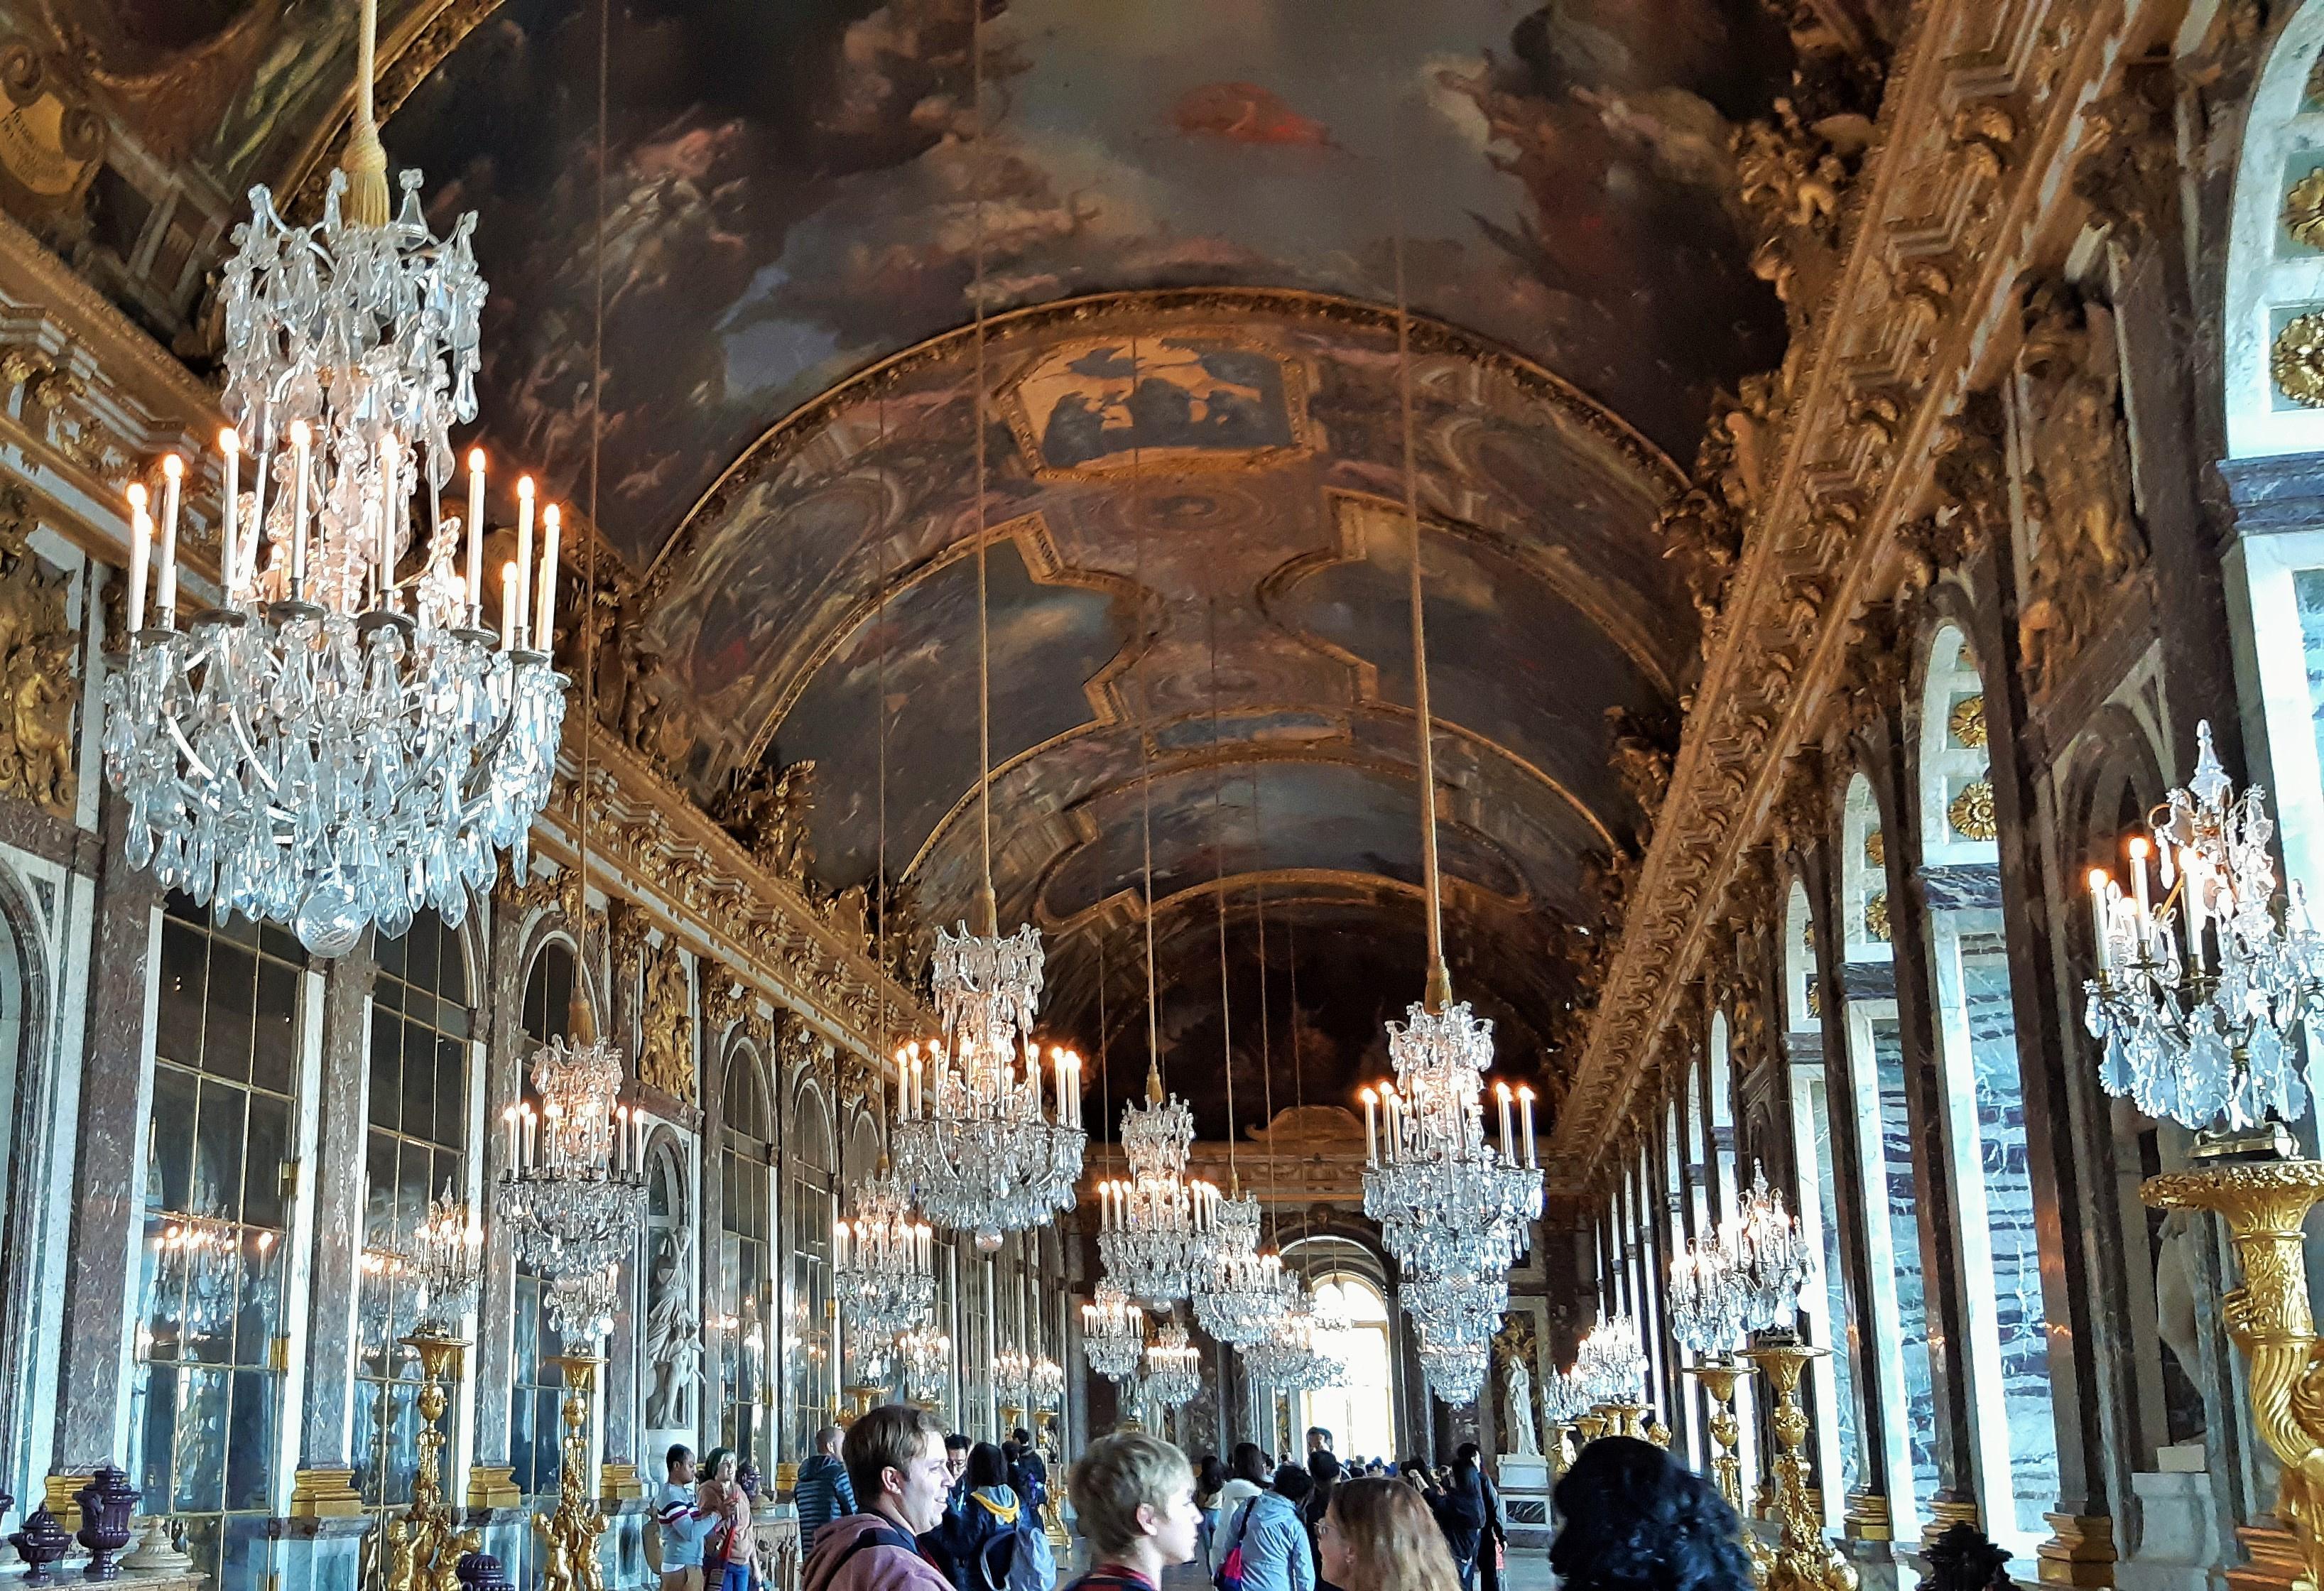 https://0901.nccdn.net/4_2/000/000/000/501/Versailles-3-3272x2240.jpg